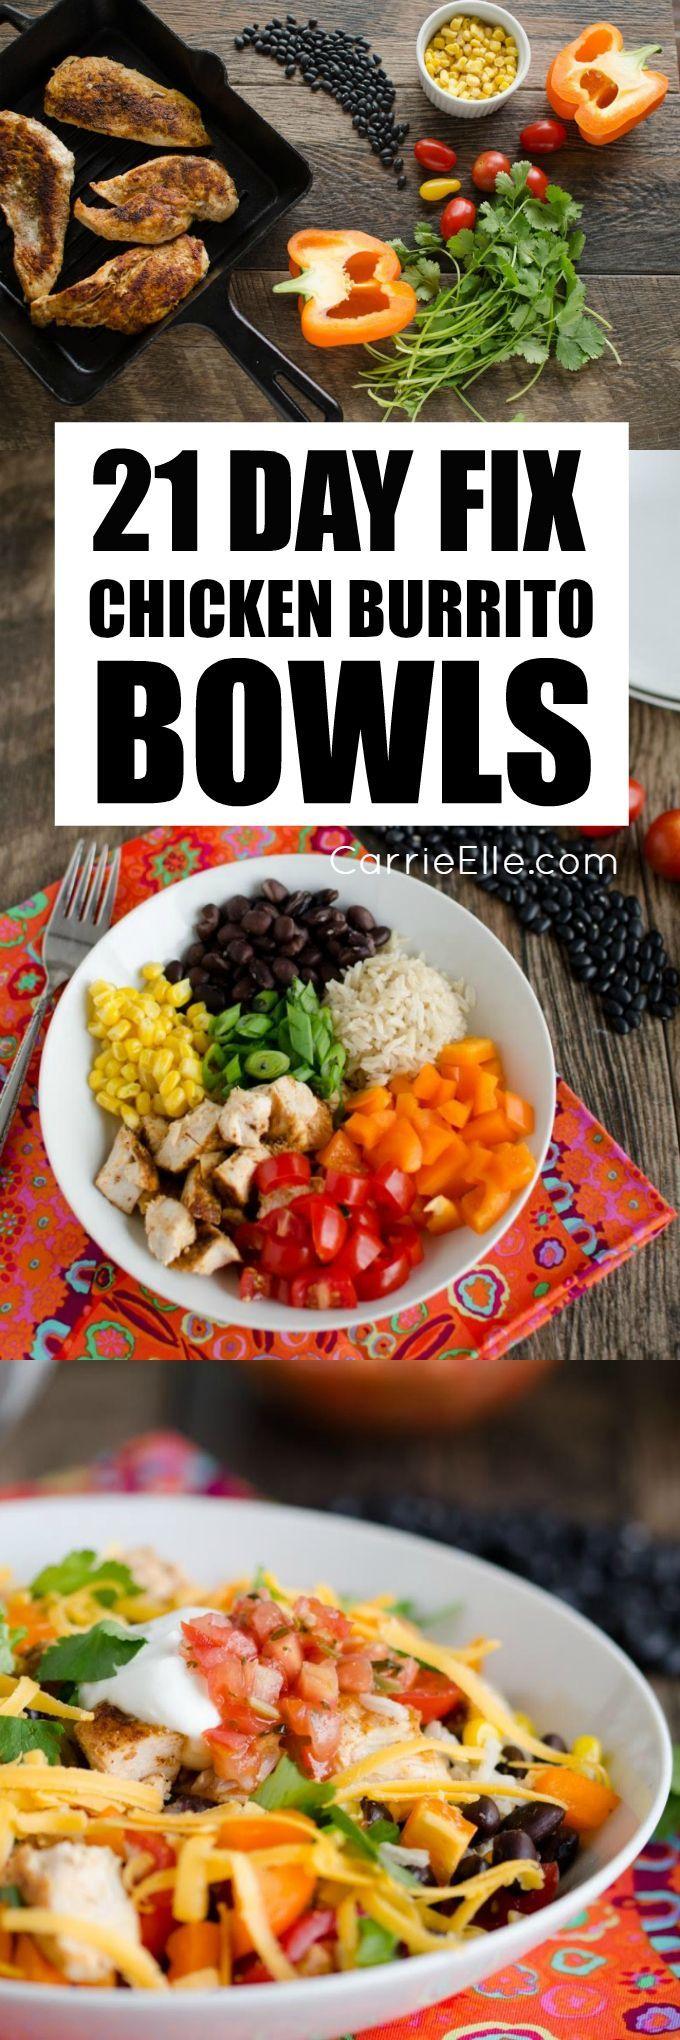 21 Day Fix Chicken Burrito Bowls